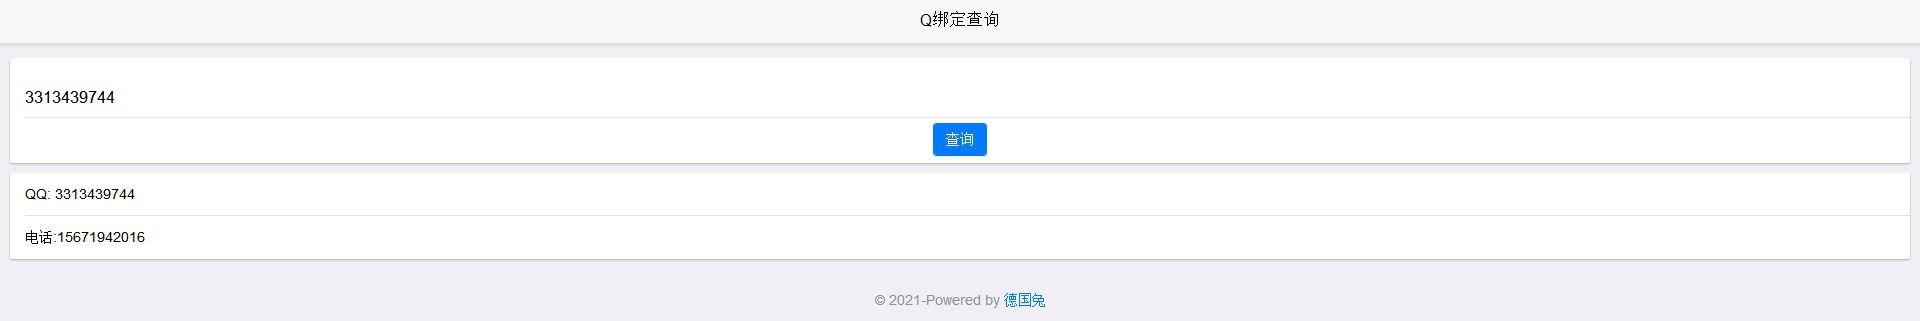 通过QQ号码获取查询其绑定的手机号的网站